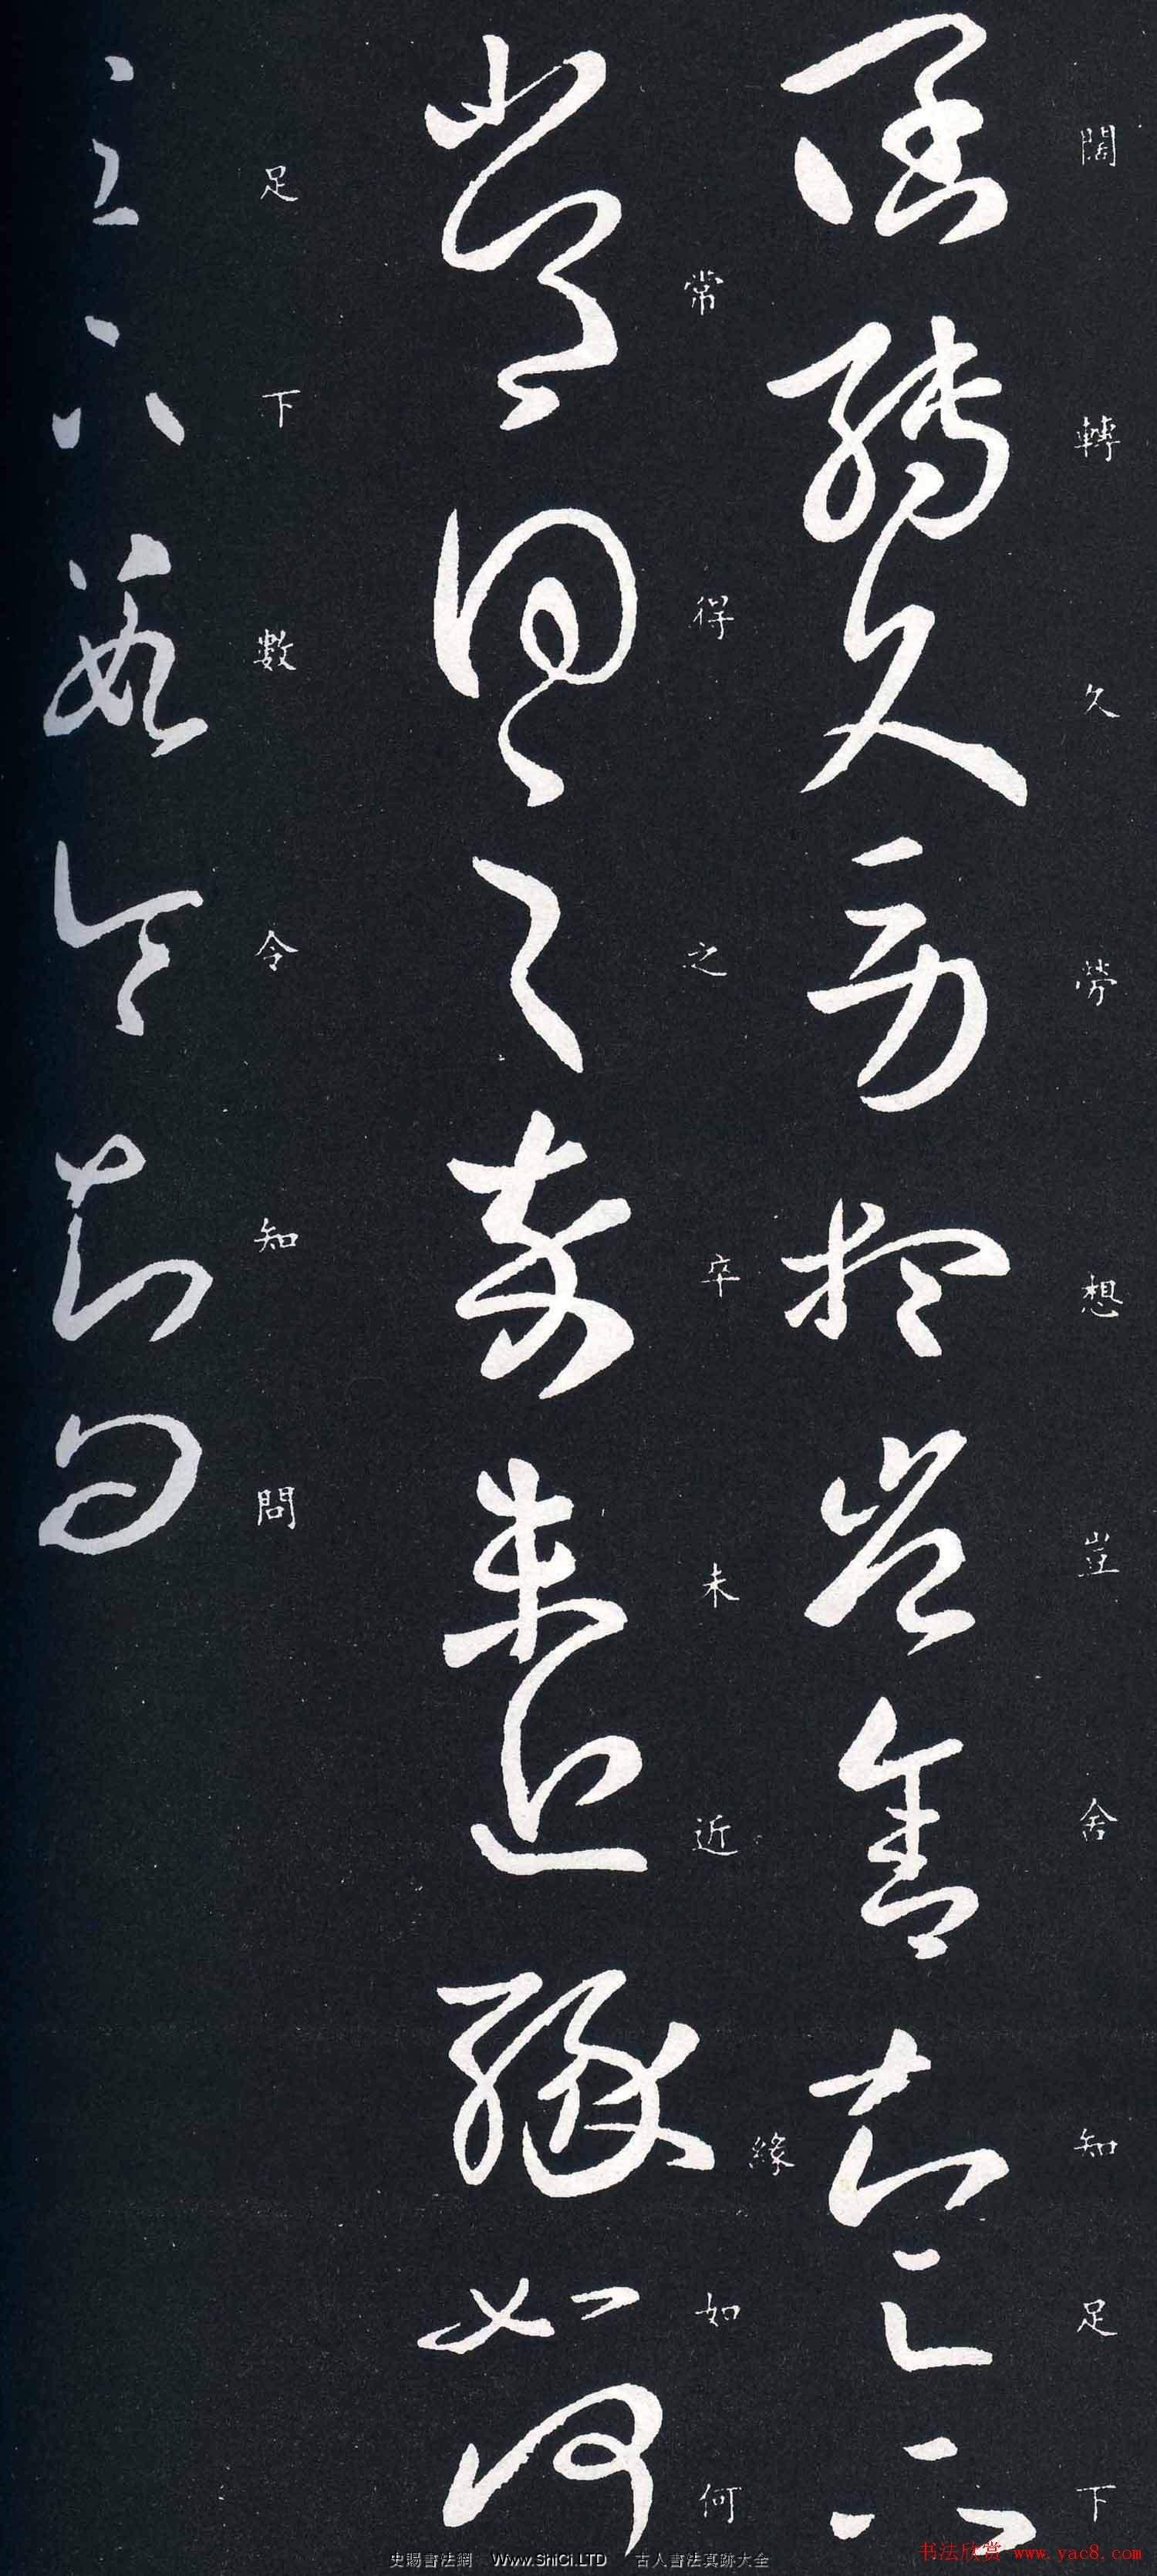 王羲之草書真跡欣賞《闊轉久帖》三種(共3張圖片)